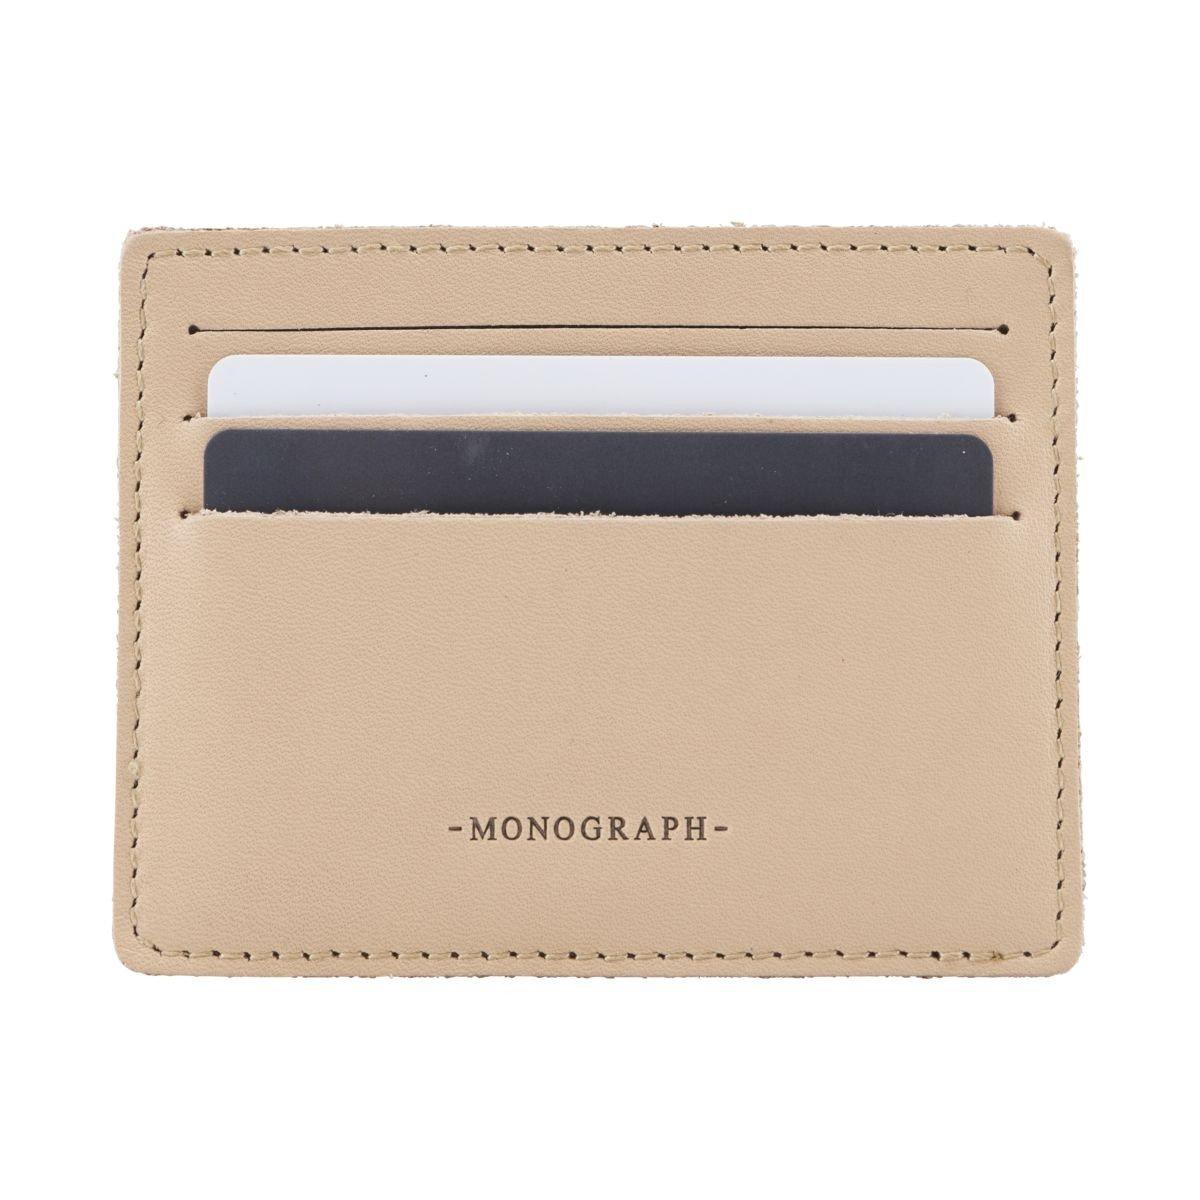 Béžové pouzdro na kreditní karty